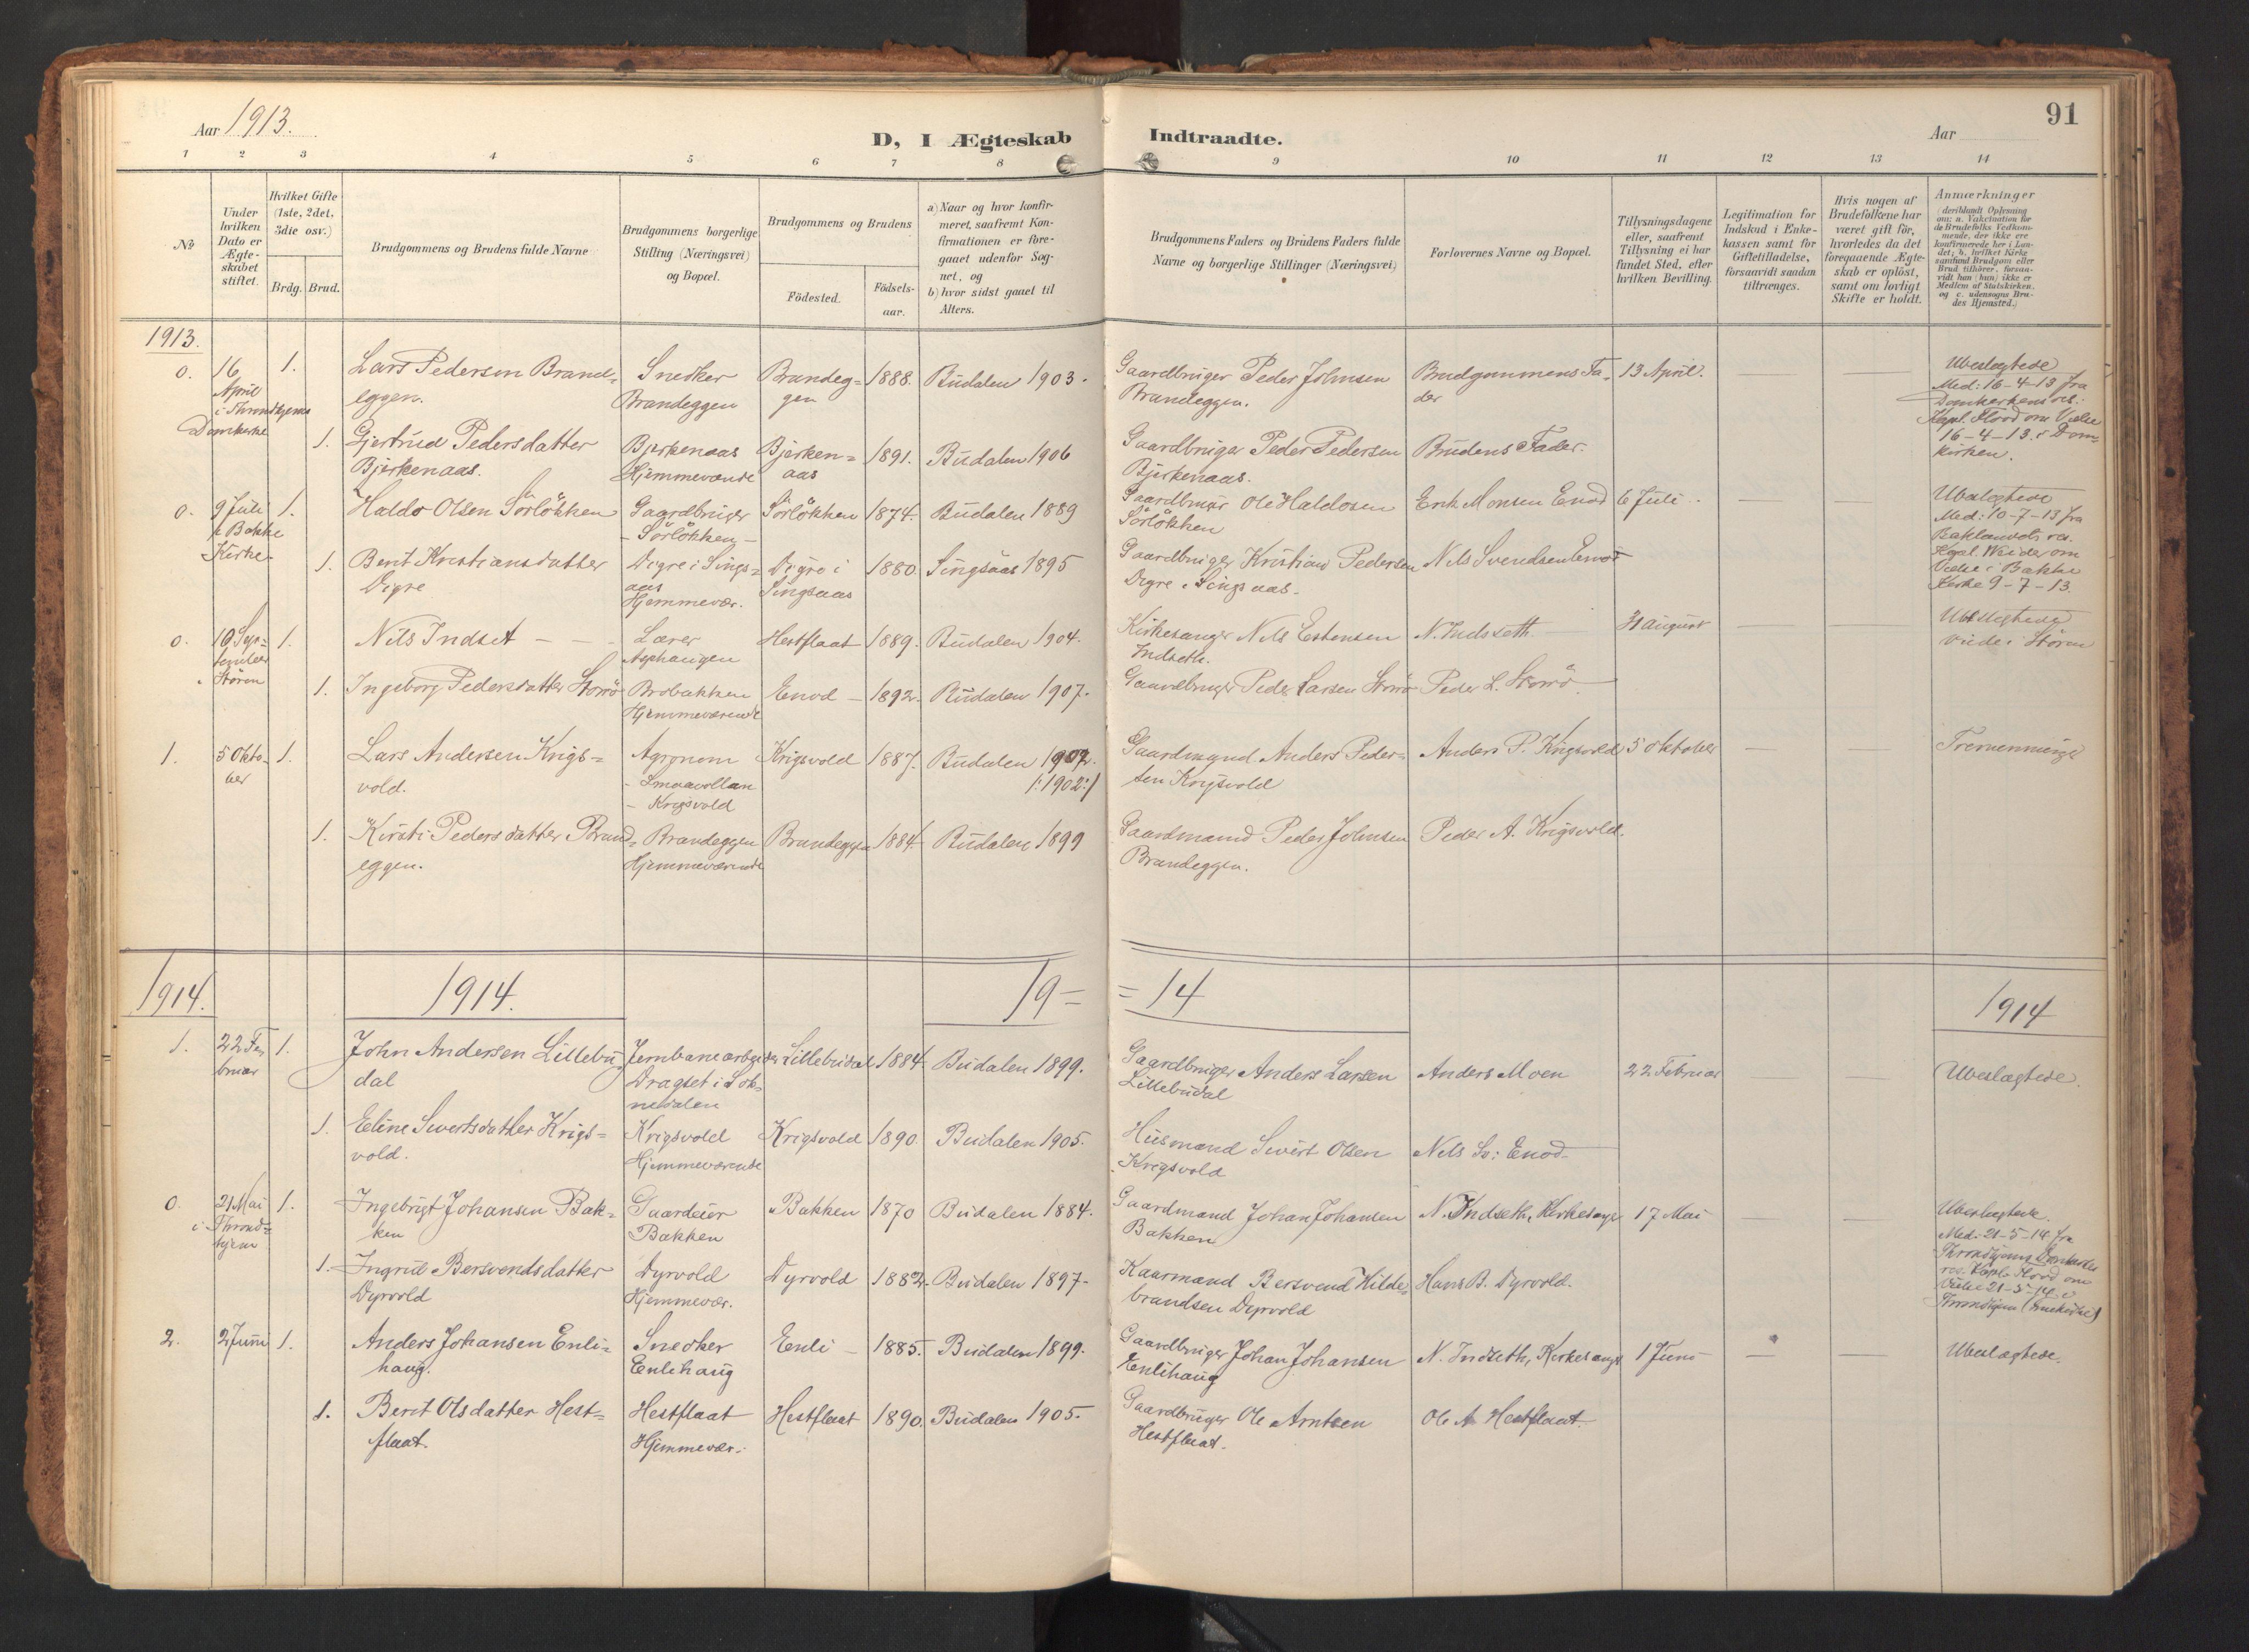 SAT, Ministerialprotokoller, klokkerbøker og fødselsregistre - Sør-Trøndelag, 690/L1050: Ministerialbok nr. 690A01, 1889-1929, s. 91